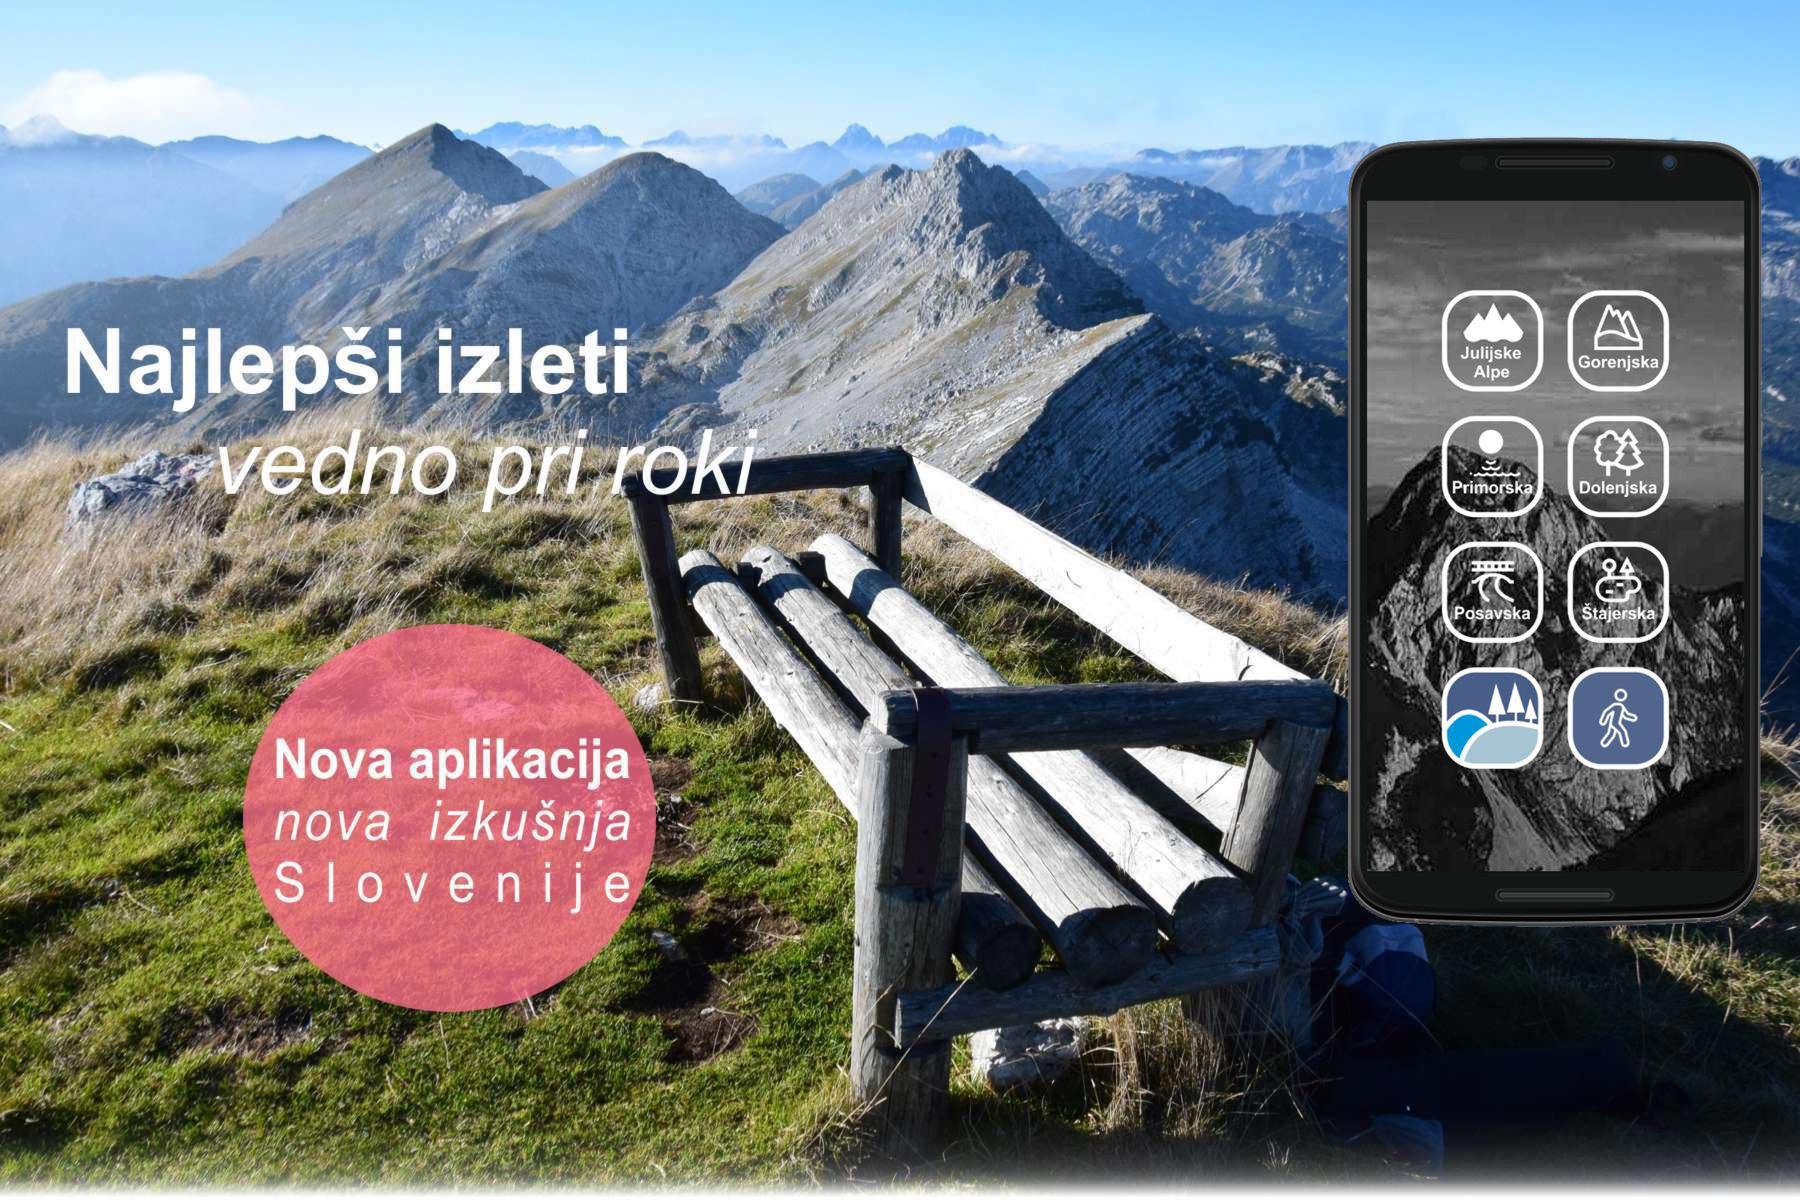 Reklamna fotografija za mobilno aplikacijo.